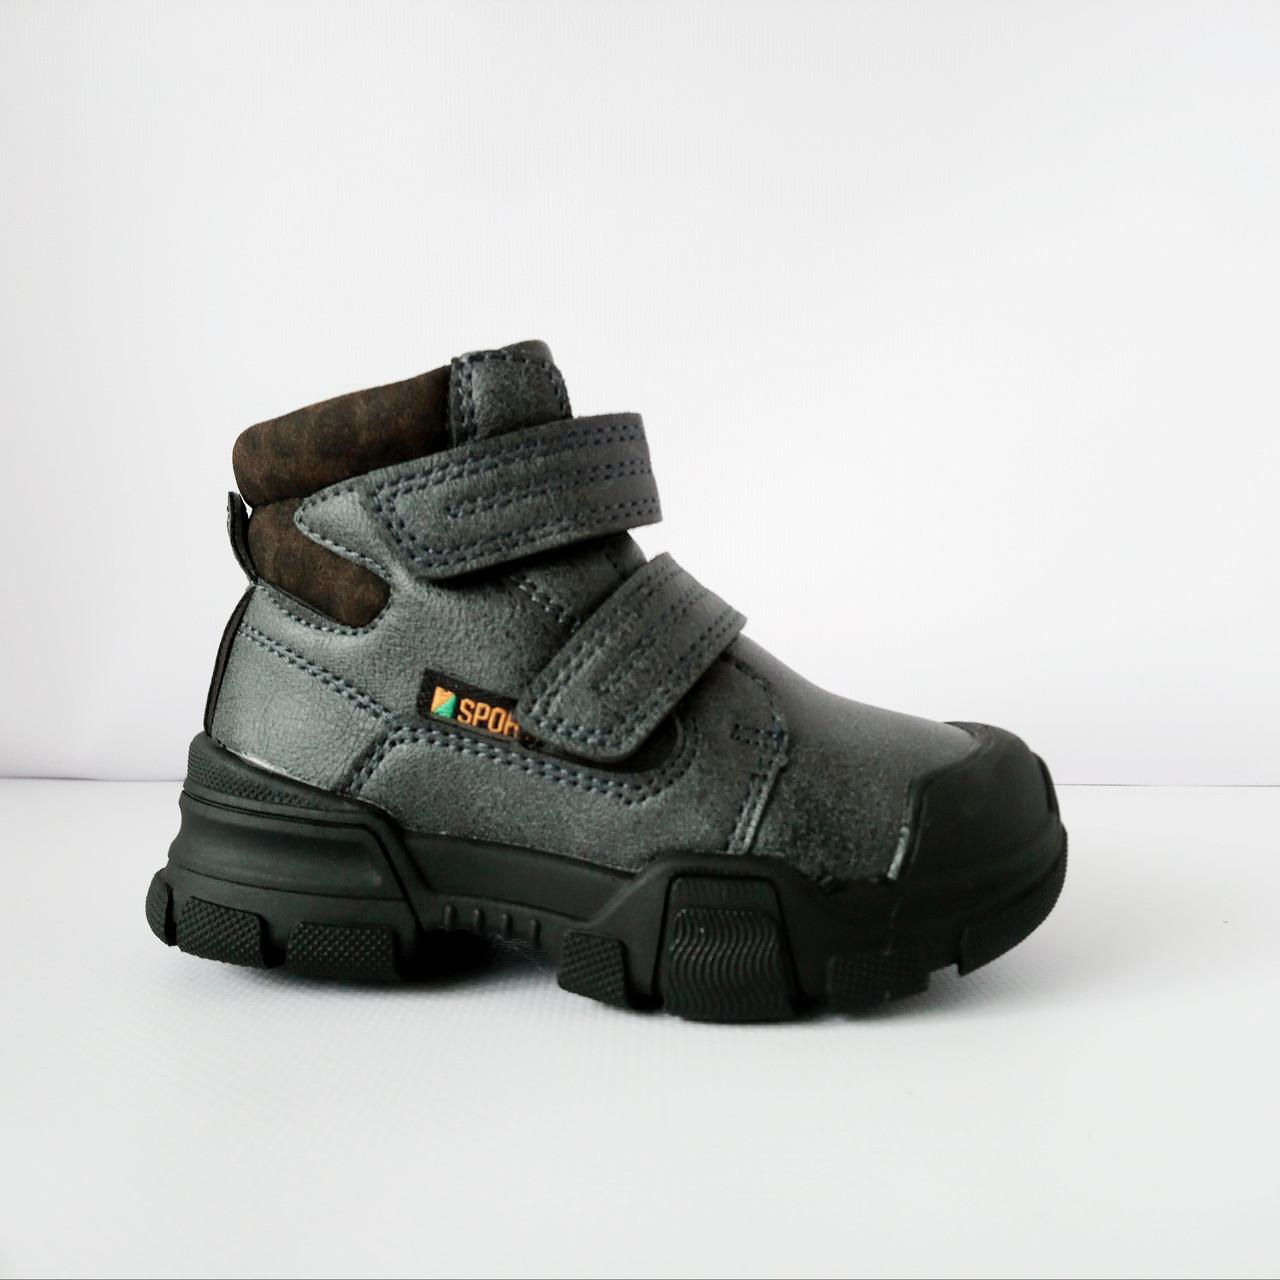 Ботинки с защитным носком мальчикам, р. 23, 24, 25, 26, 27. Демисезон